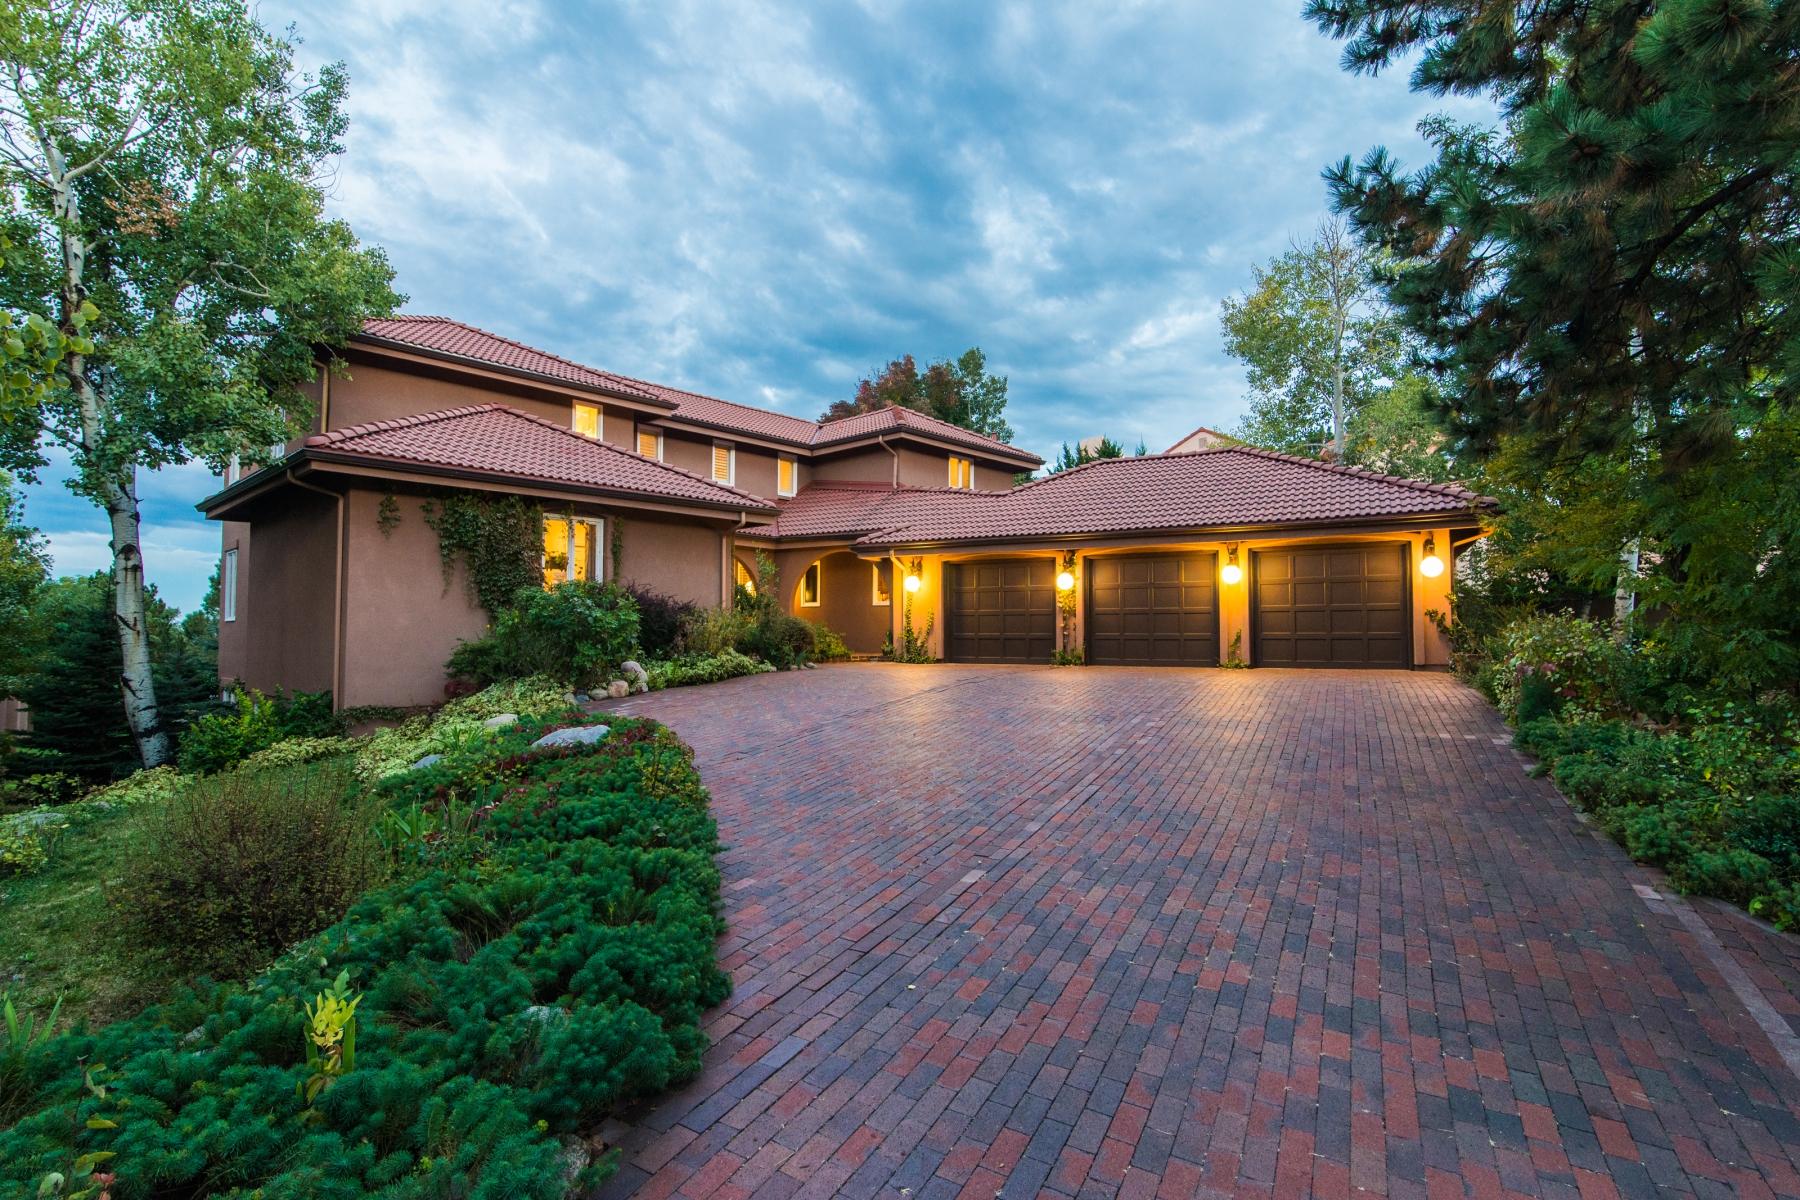 Property For Sale at 3279 El Pomar Rd